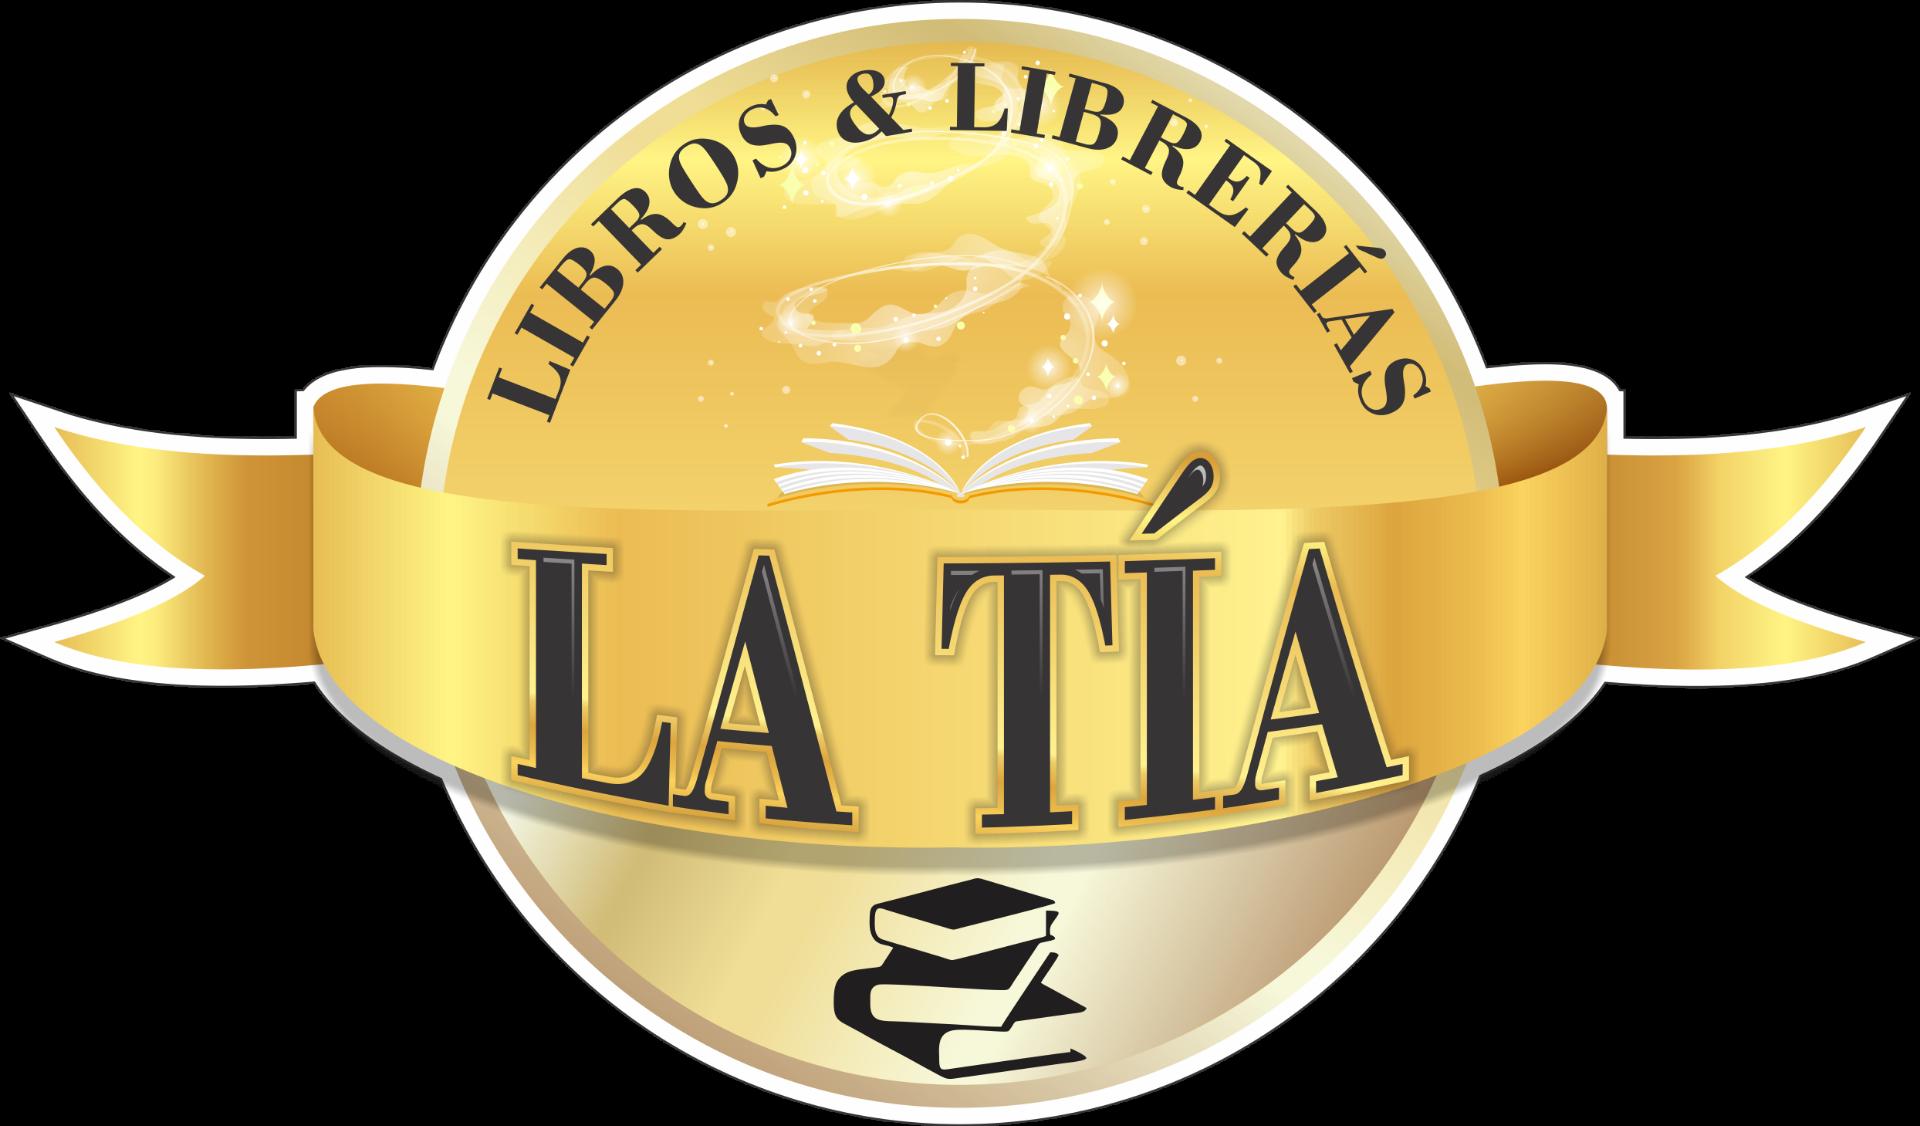 Libros y librerías La Tía